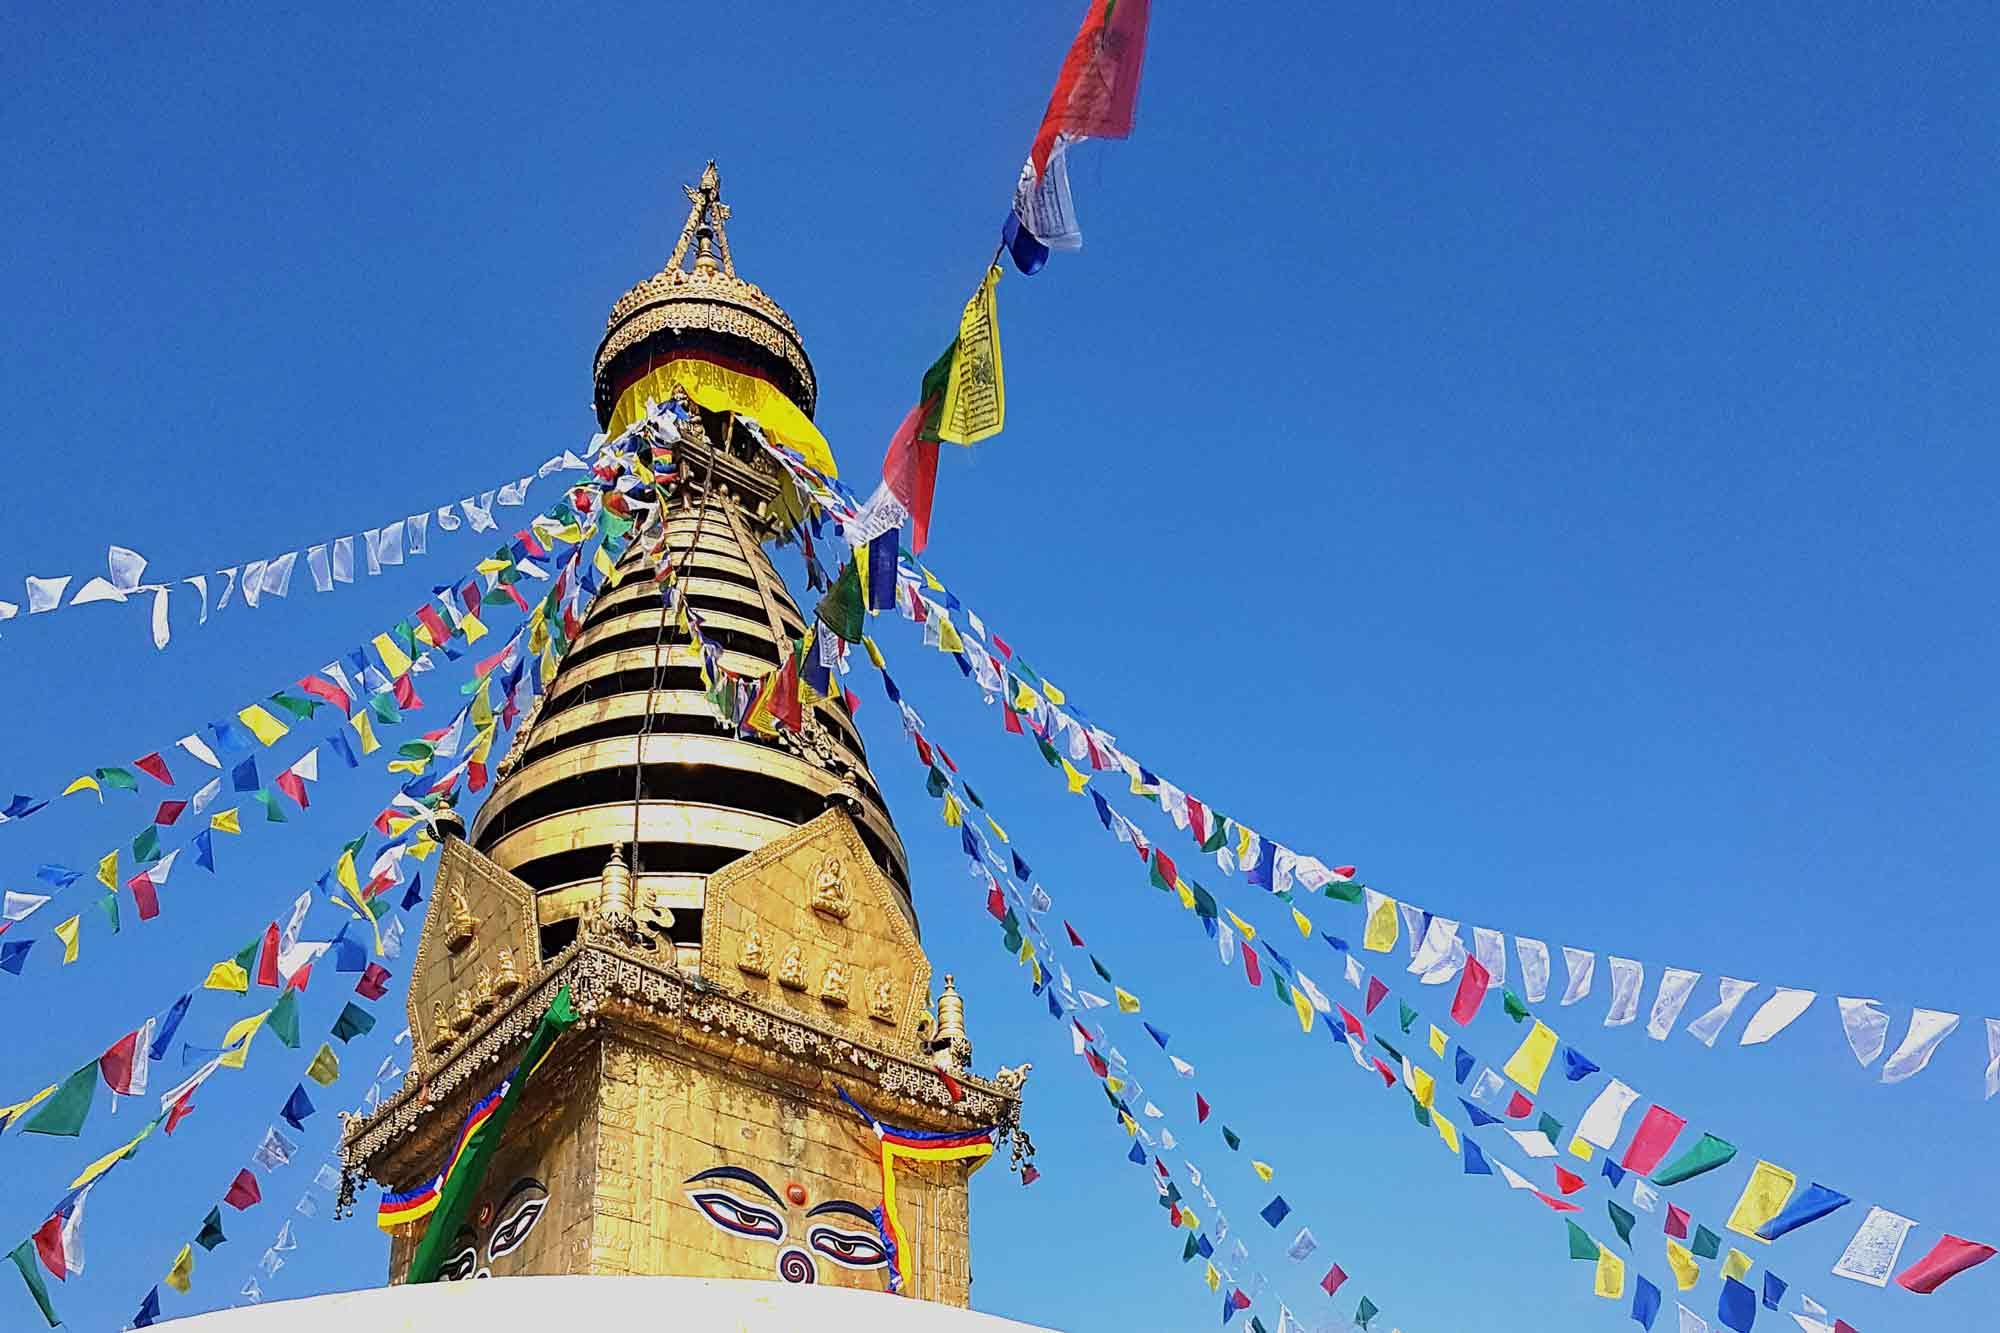 Nepalesisches Essen - kulinarische Tipps & Spots für Kathmandu! Nepal | Südostasien | Kathmandu | Reiseblog | nepalesisches Essen | Insidertipps